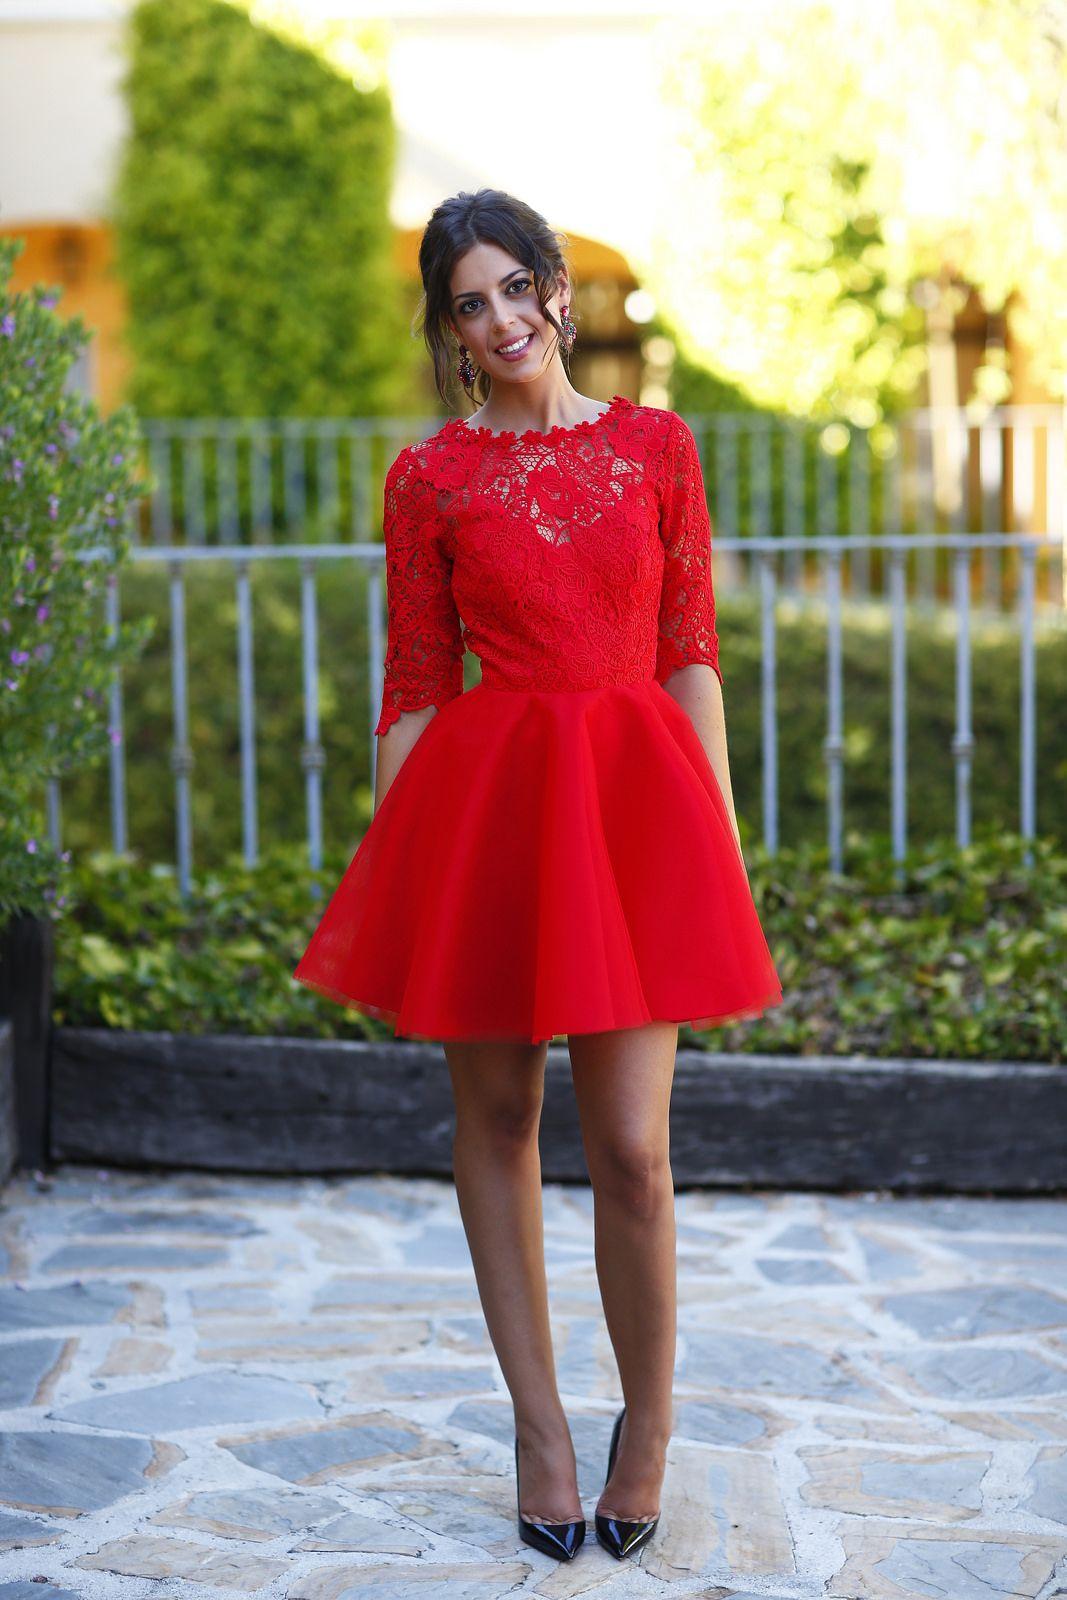 Donde comprar vestidos de fiesta online espana